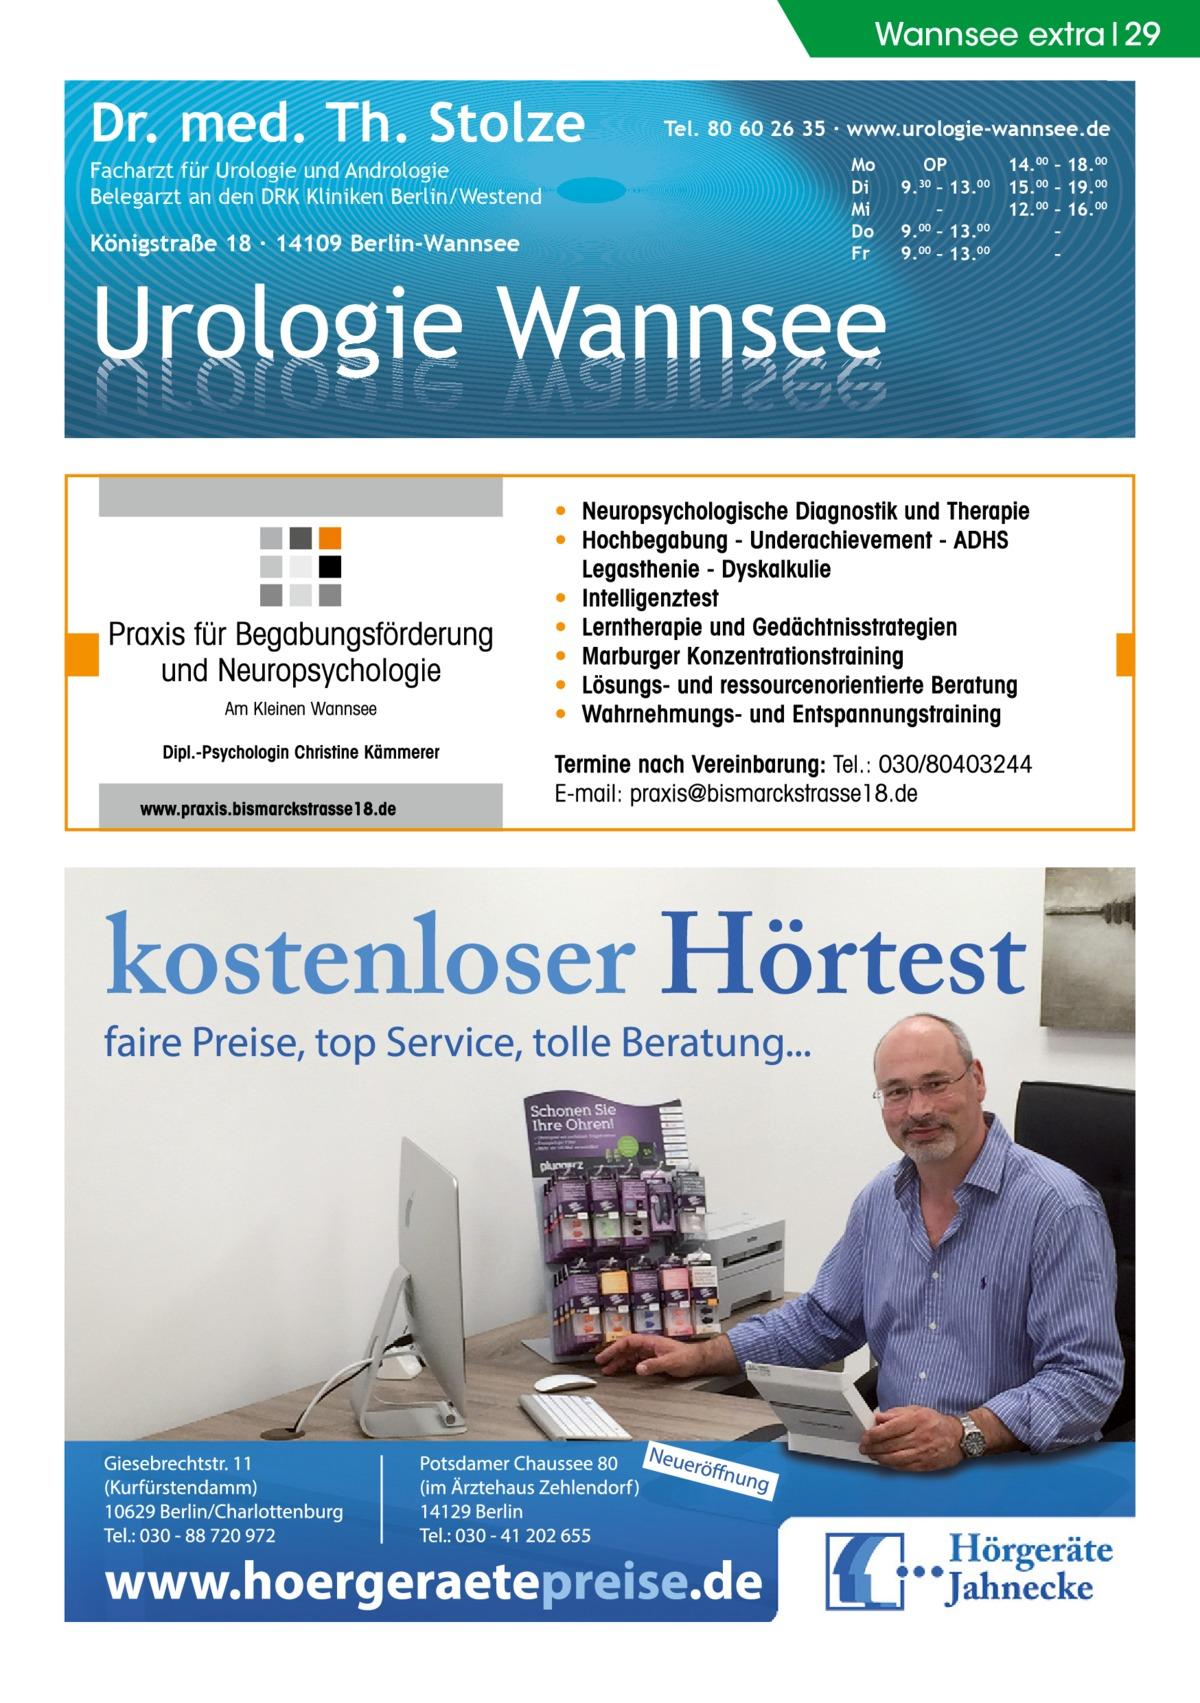 Wannsee extra 29  Dr. med. Th. Stolze Facharzt für Urologie und Andrologie Belegarzt an den DRK Kliniken Berlin/Westend  Königstraße 18 ∙ 14109 Berlin-Wannsee  Tel. 80 60 26 35 ∙ www.urologie-wannsee.de Mo Di Mi Do Fr  Urologie Wannsee  OP 14.00 – 18.00 9.30 – 13.00 15.00 – 19.00 – 12.00 – 16.00 9.00 – 13.00 – 9.00 – 13.00 – –